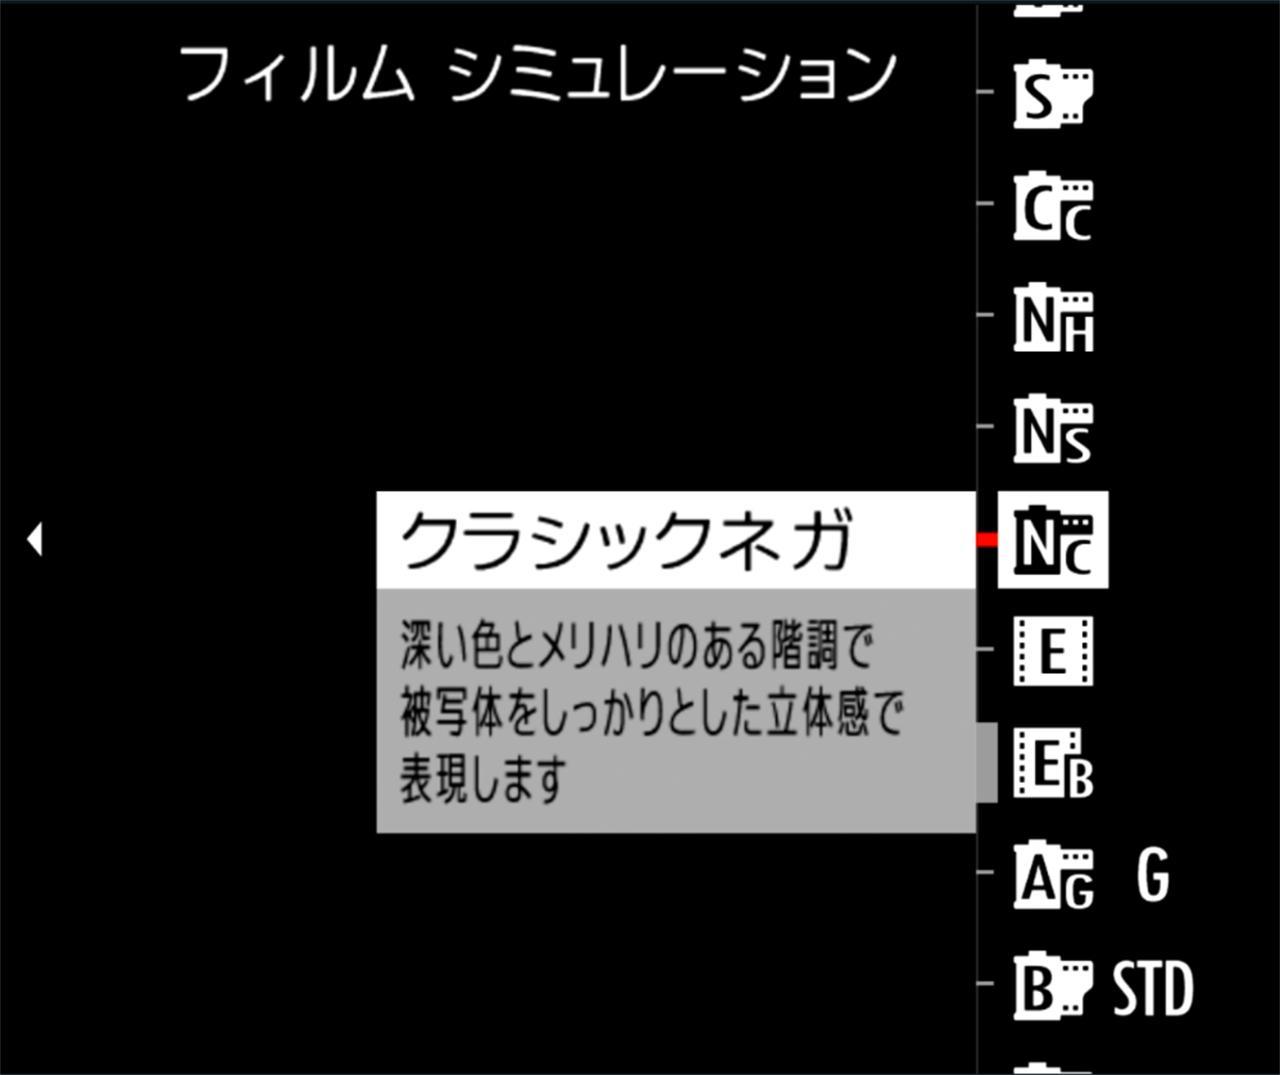 画像: ▲「クラシックネガ」は富士フイルムがスナップ写真などで愛用されてきたカラーネガフィルムをもとに画質設計を行ったもの。